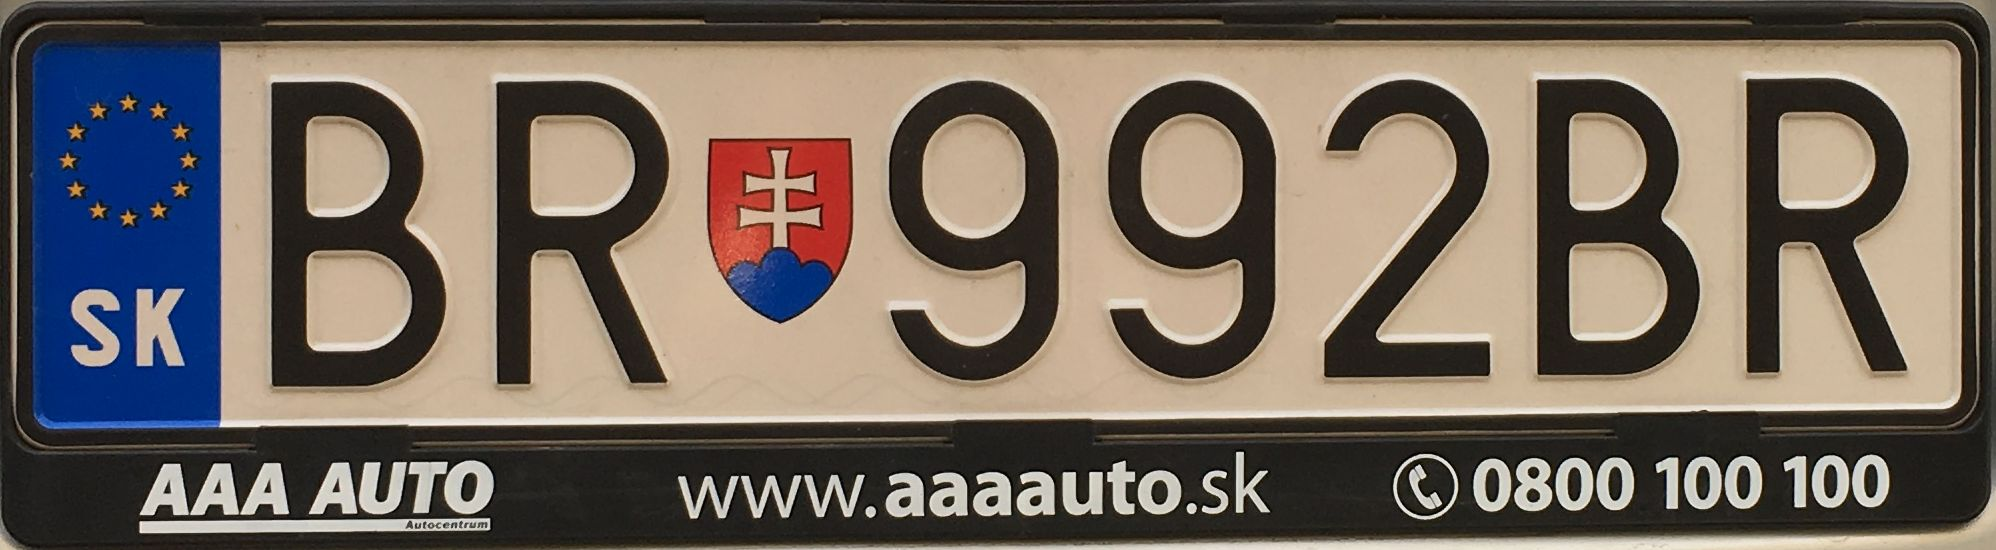 Registrační značka Slovensko - BR - Brezno, foto:www.podalnici.cz